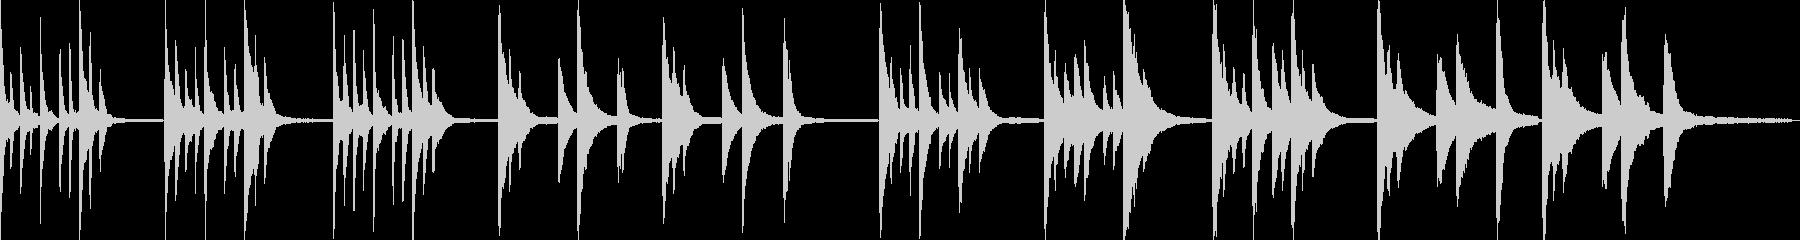 静かなピアノアンビエントの未再生の波形